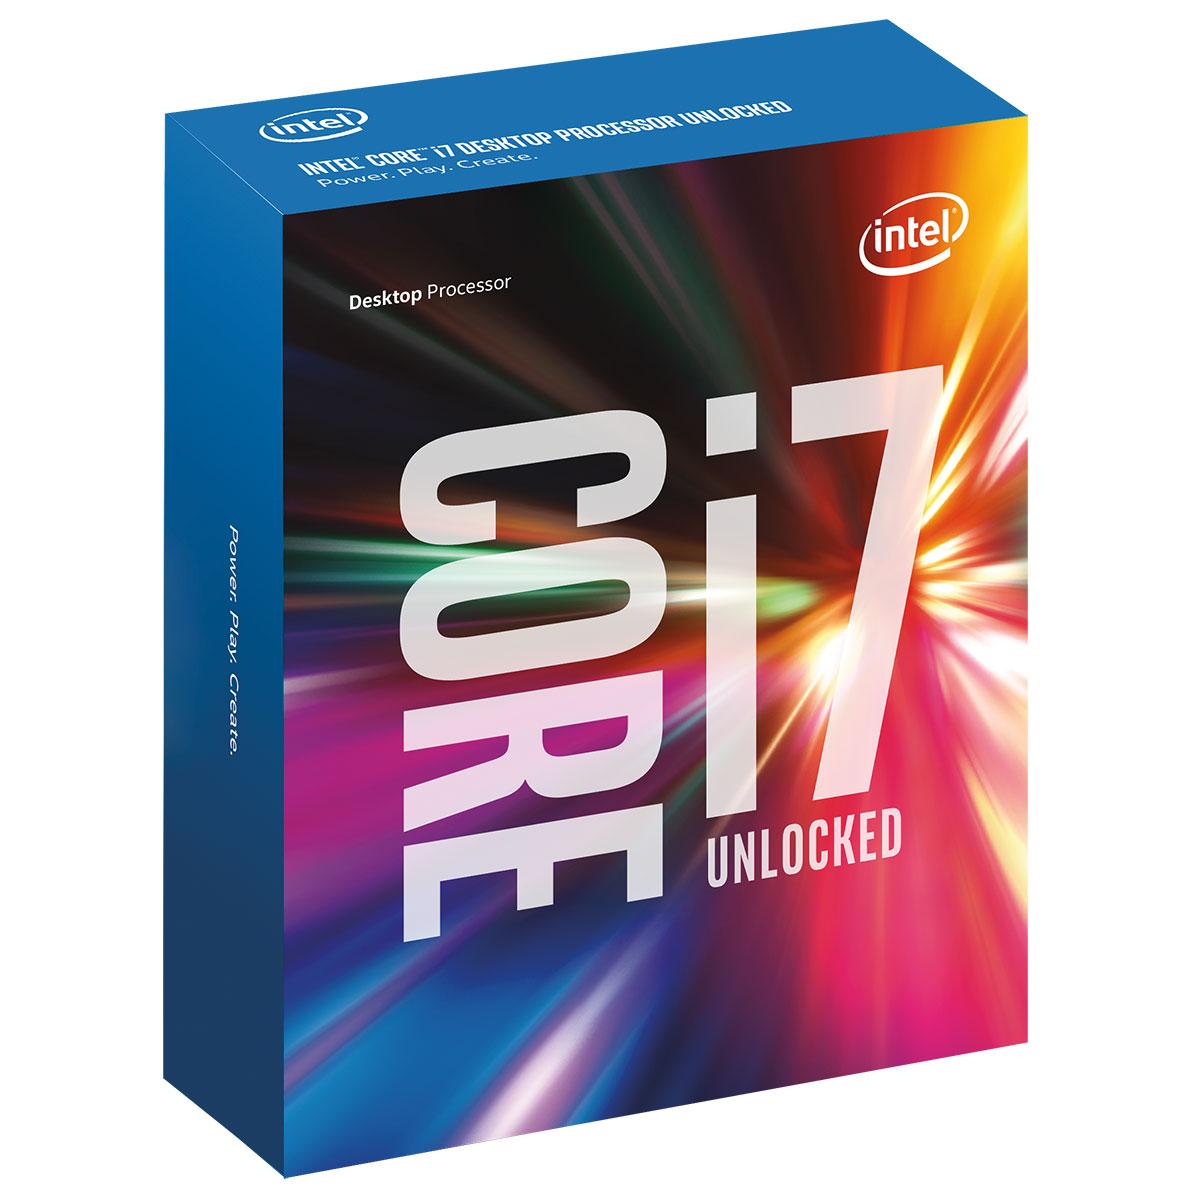 Processeur Intel Core i7-6700K (4.0 GHz) Processeur Quad Core Socket 1151 Cache L3 8 Mo Intel HD Graphics 530 0.014 micron (version boîte sans ventilateur - garantie Intel 3 ans)